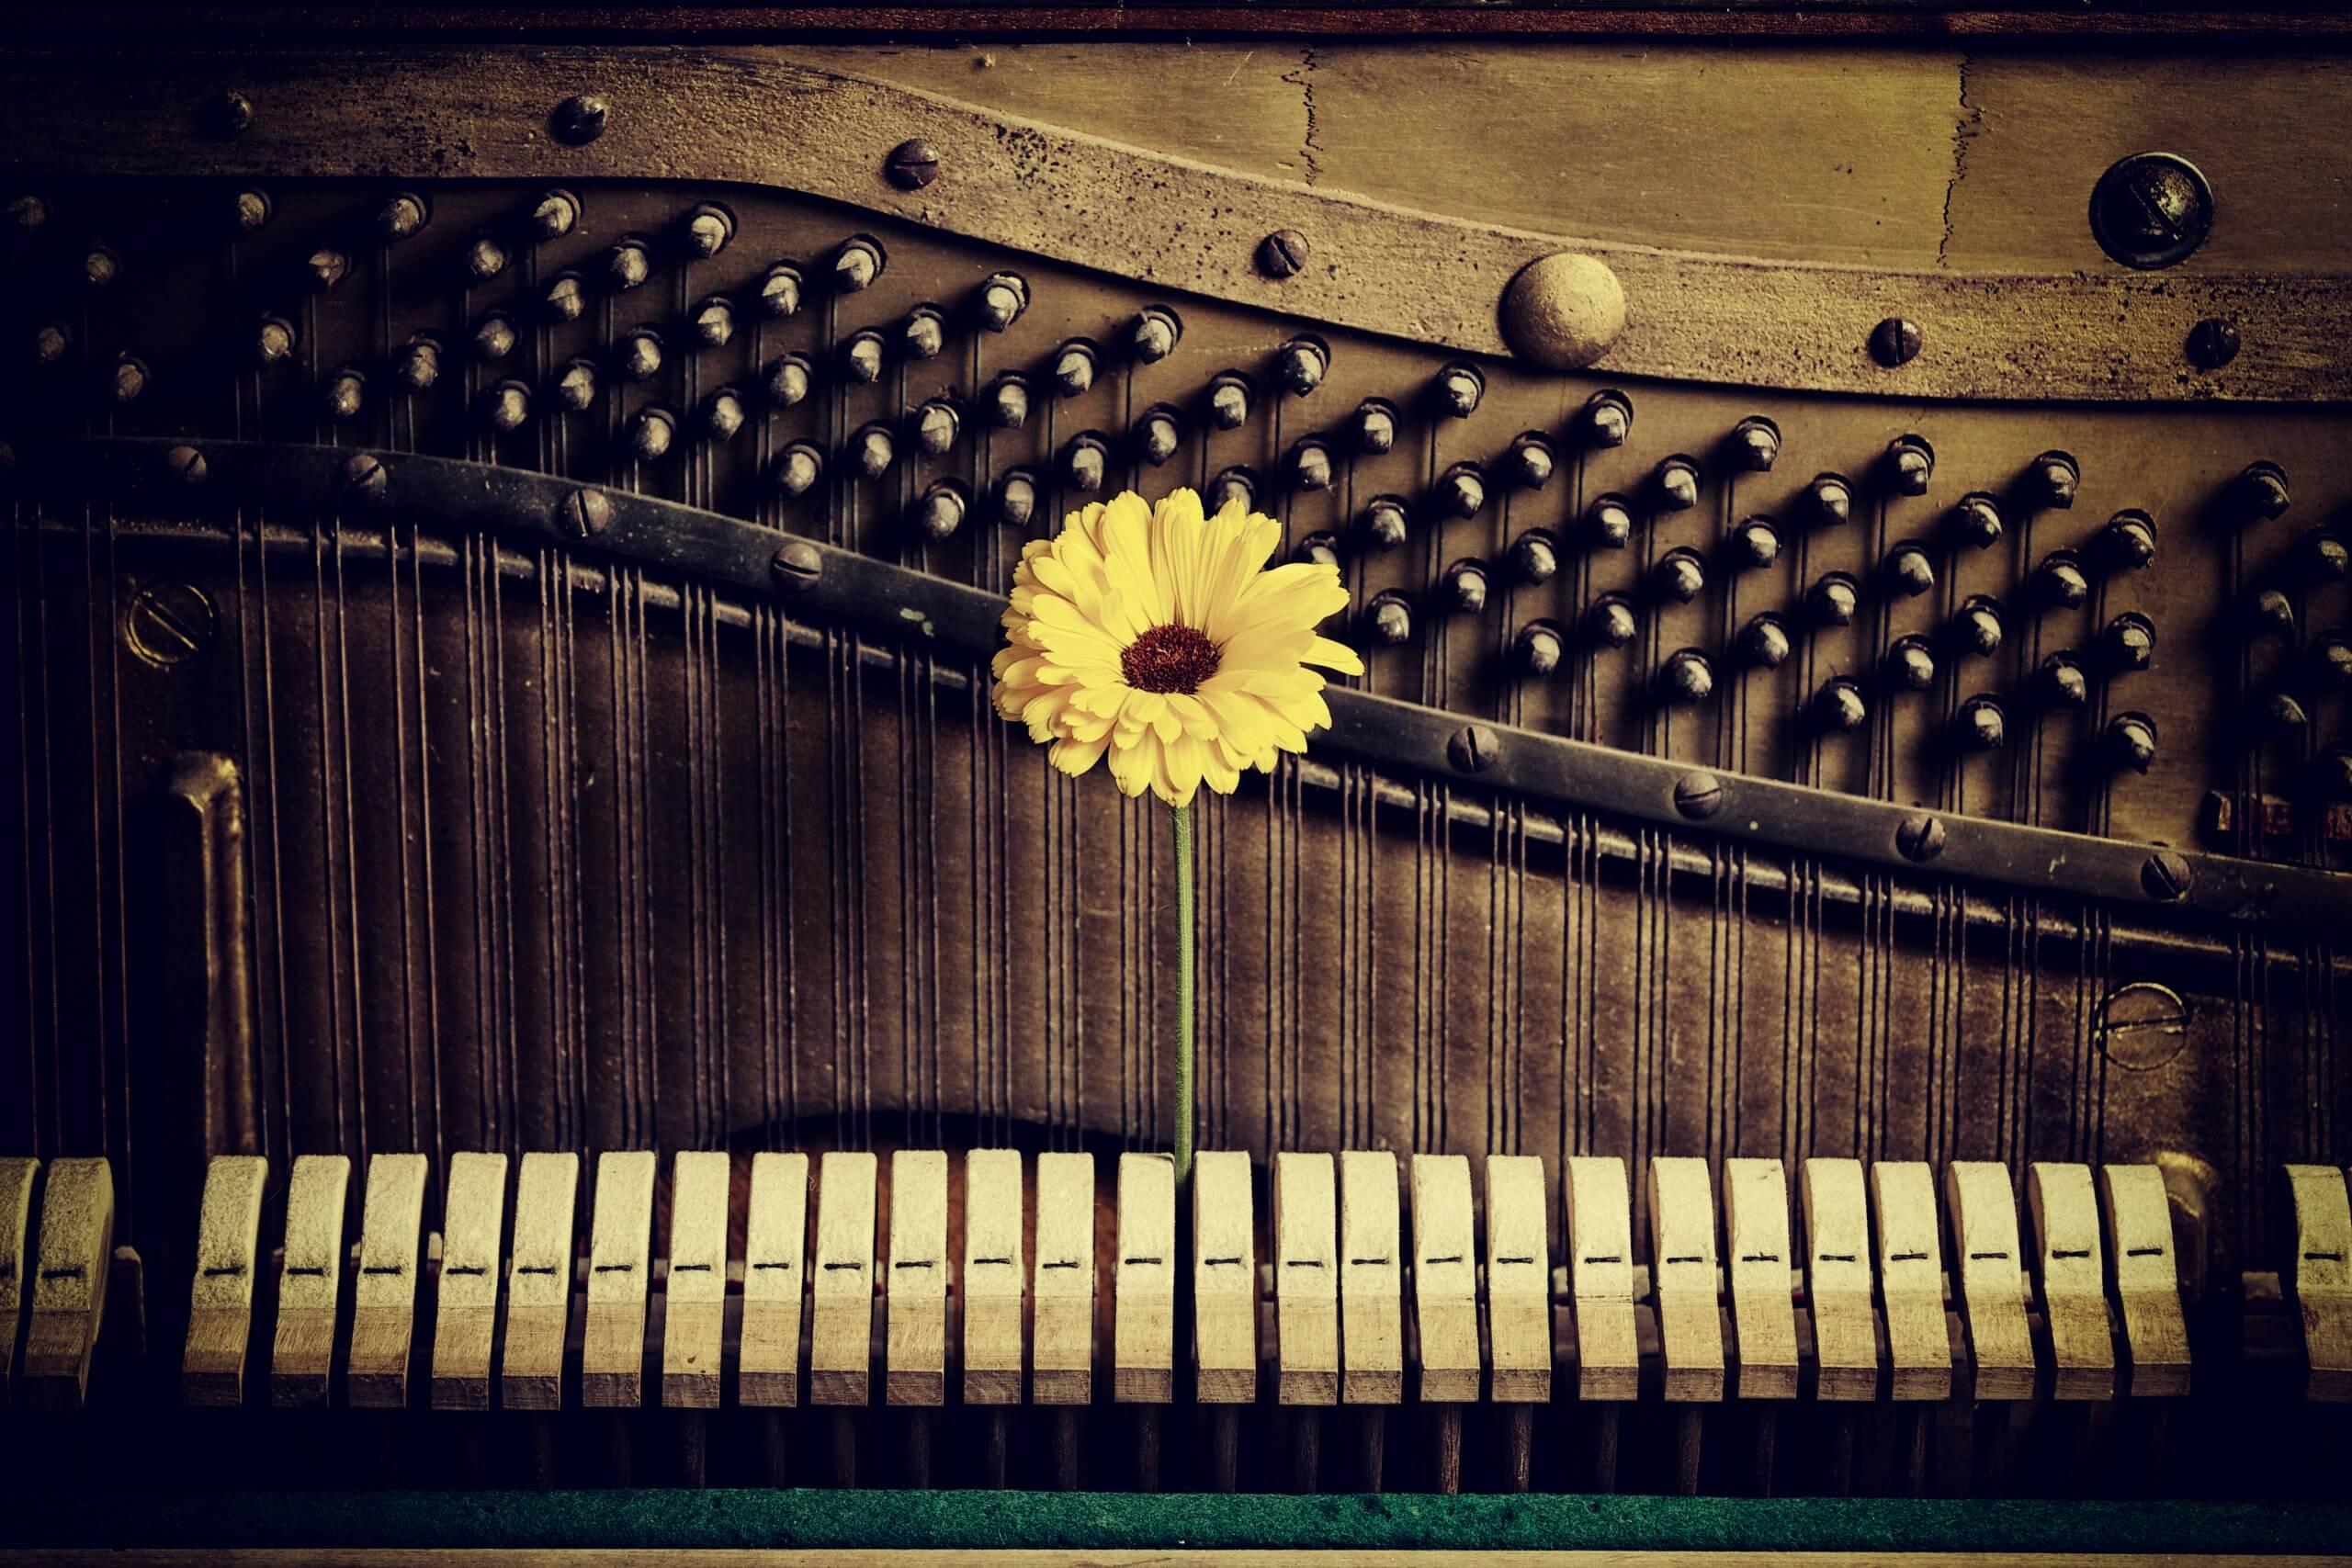 Symbolbild: Innenleben eines Klaviers mit Blume